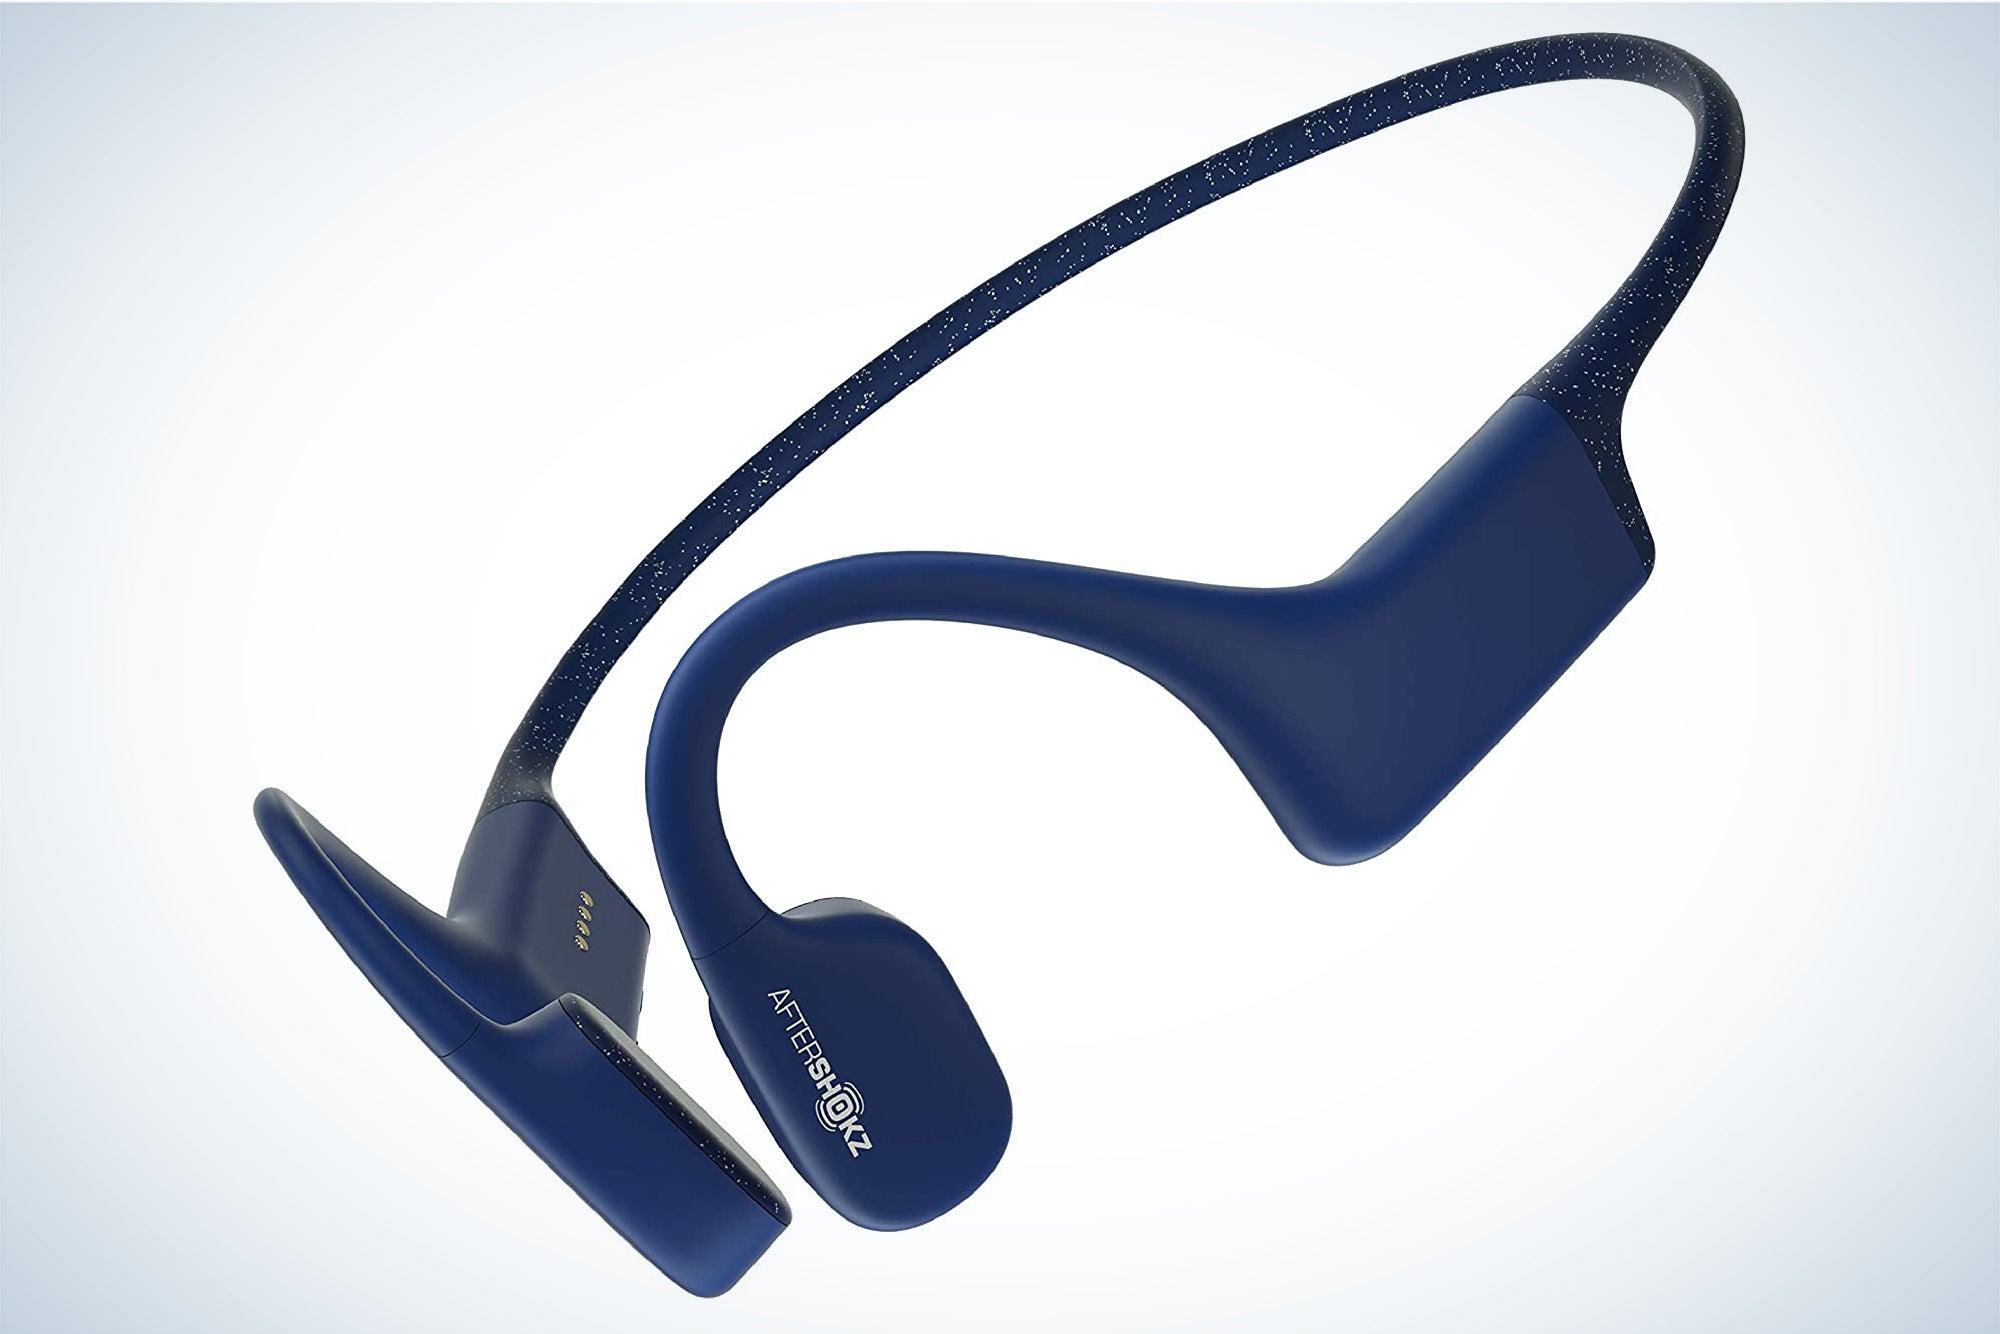 AfterShokz Xtrainerz are the best bone-conduction headphones.